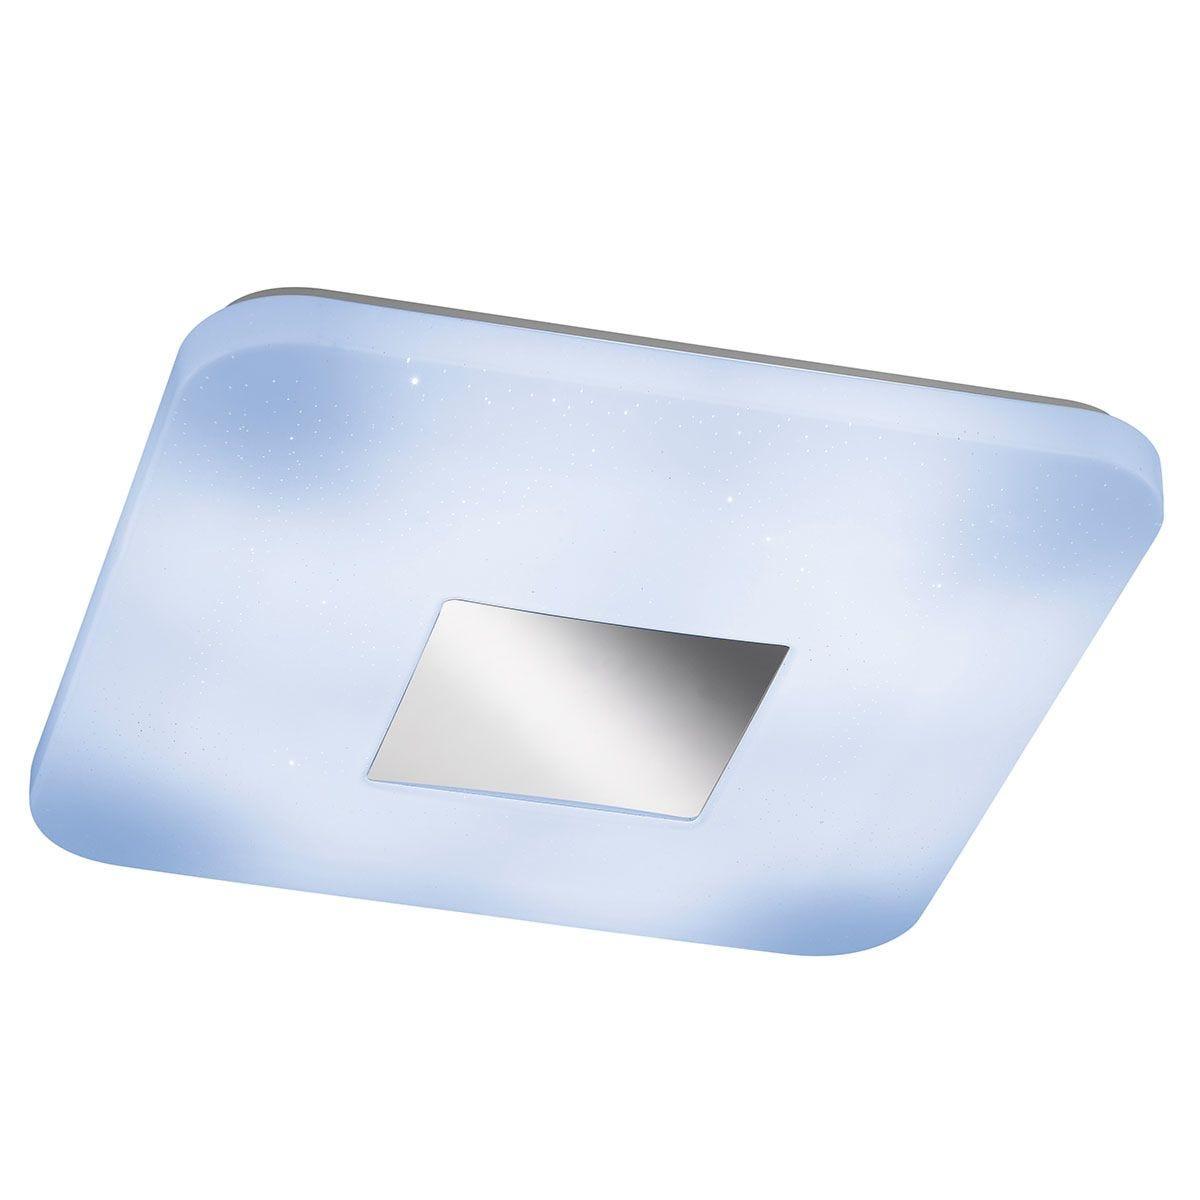 Action Orsa Ceiling Lamp - White - LED (22W 1700Lumen)